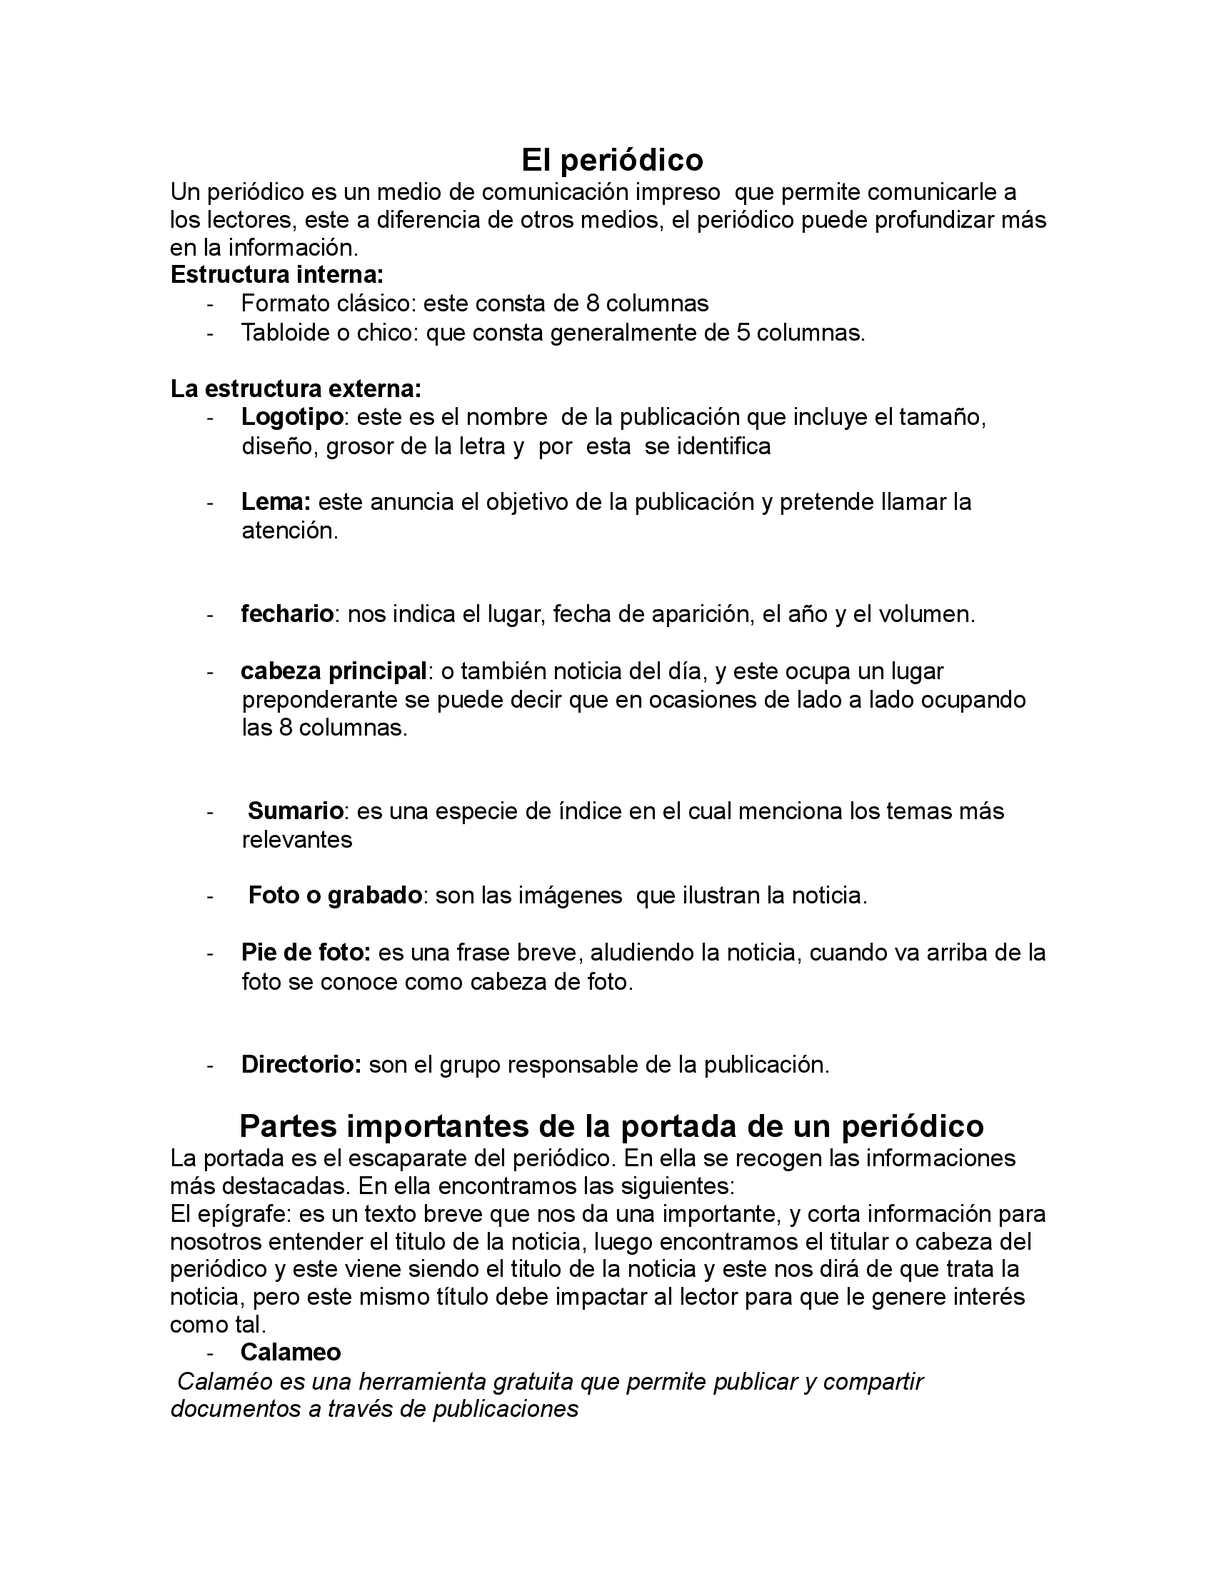 Calaméo El Periódico